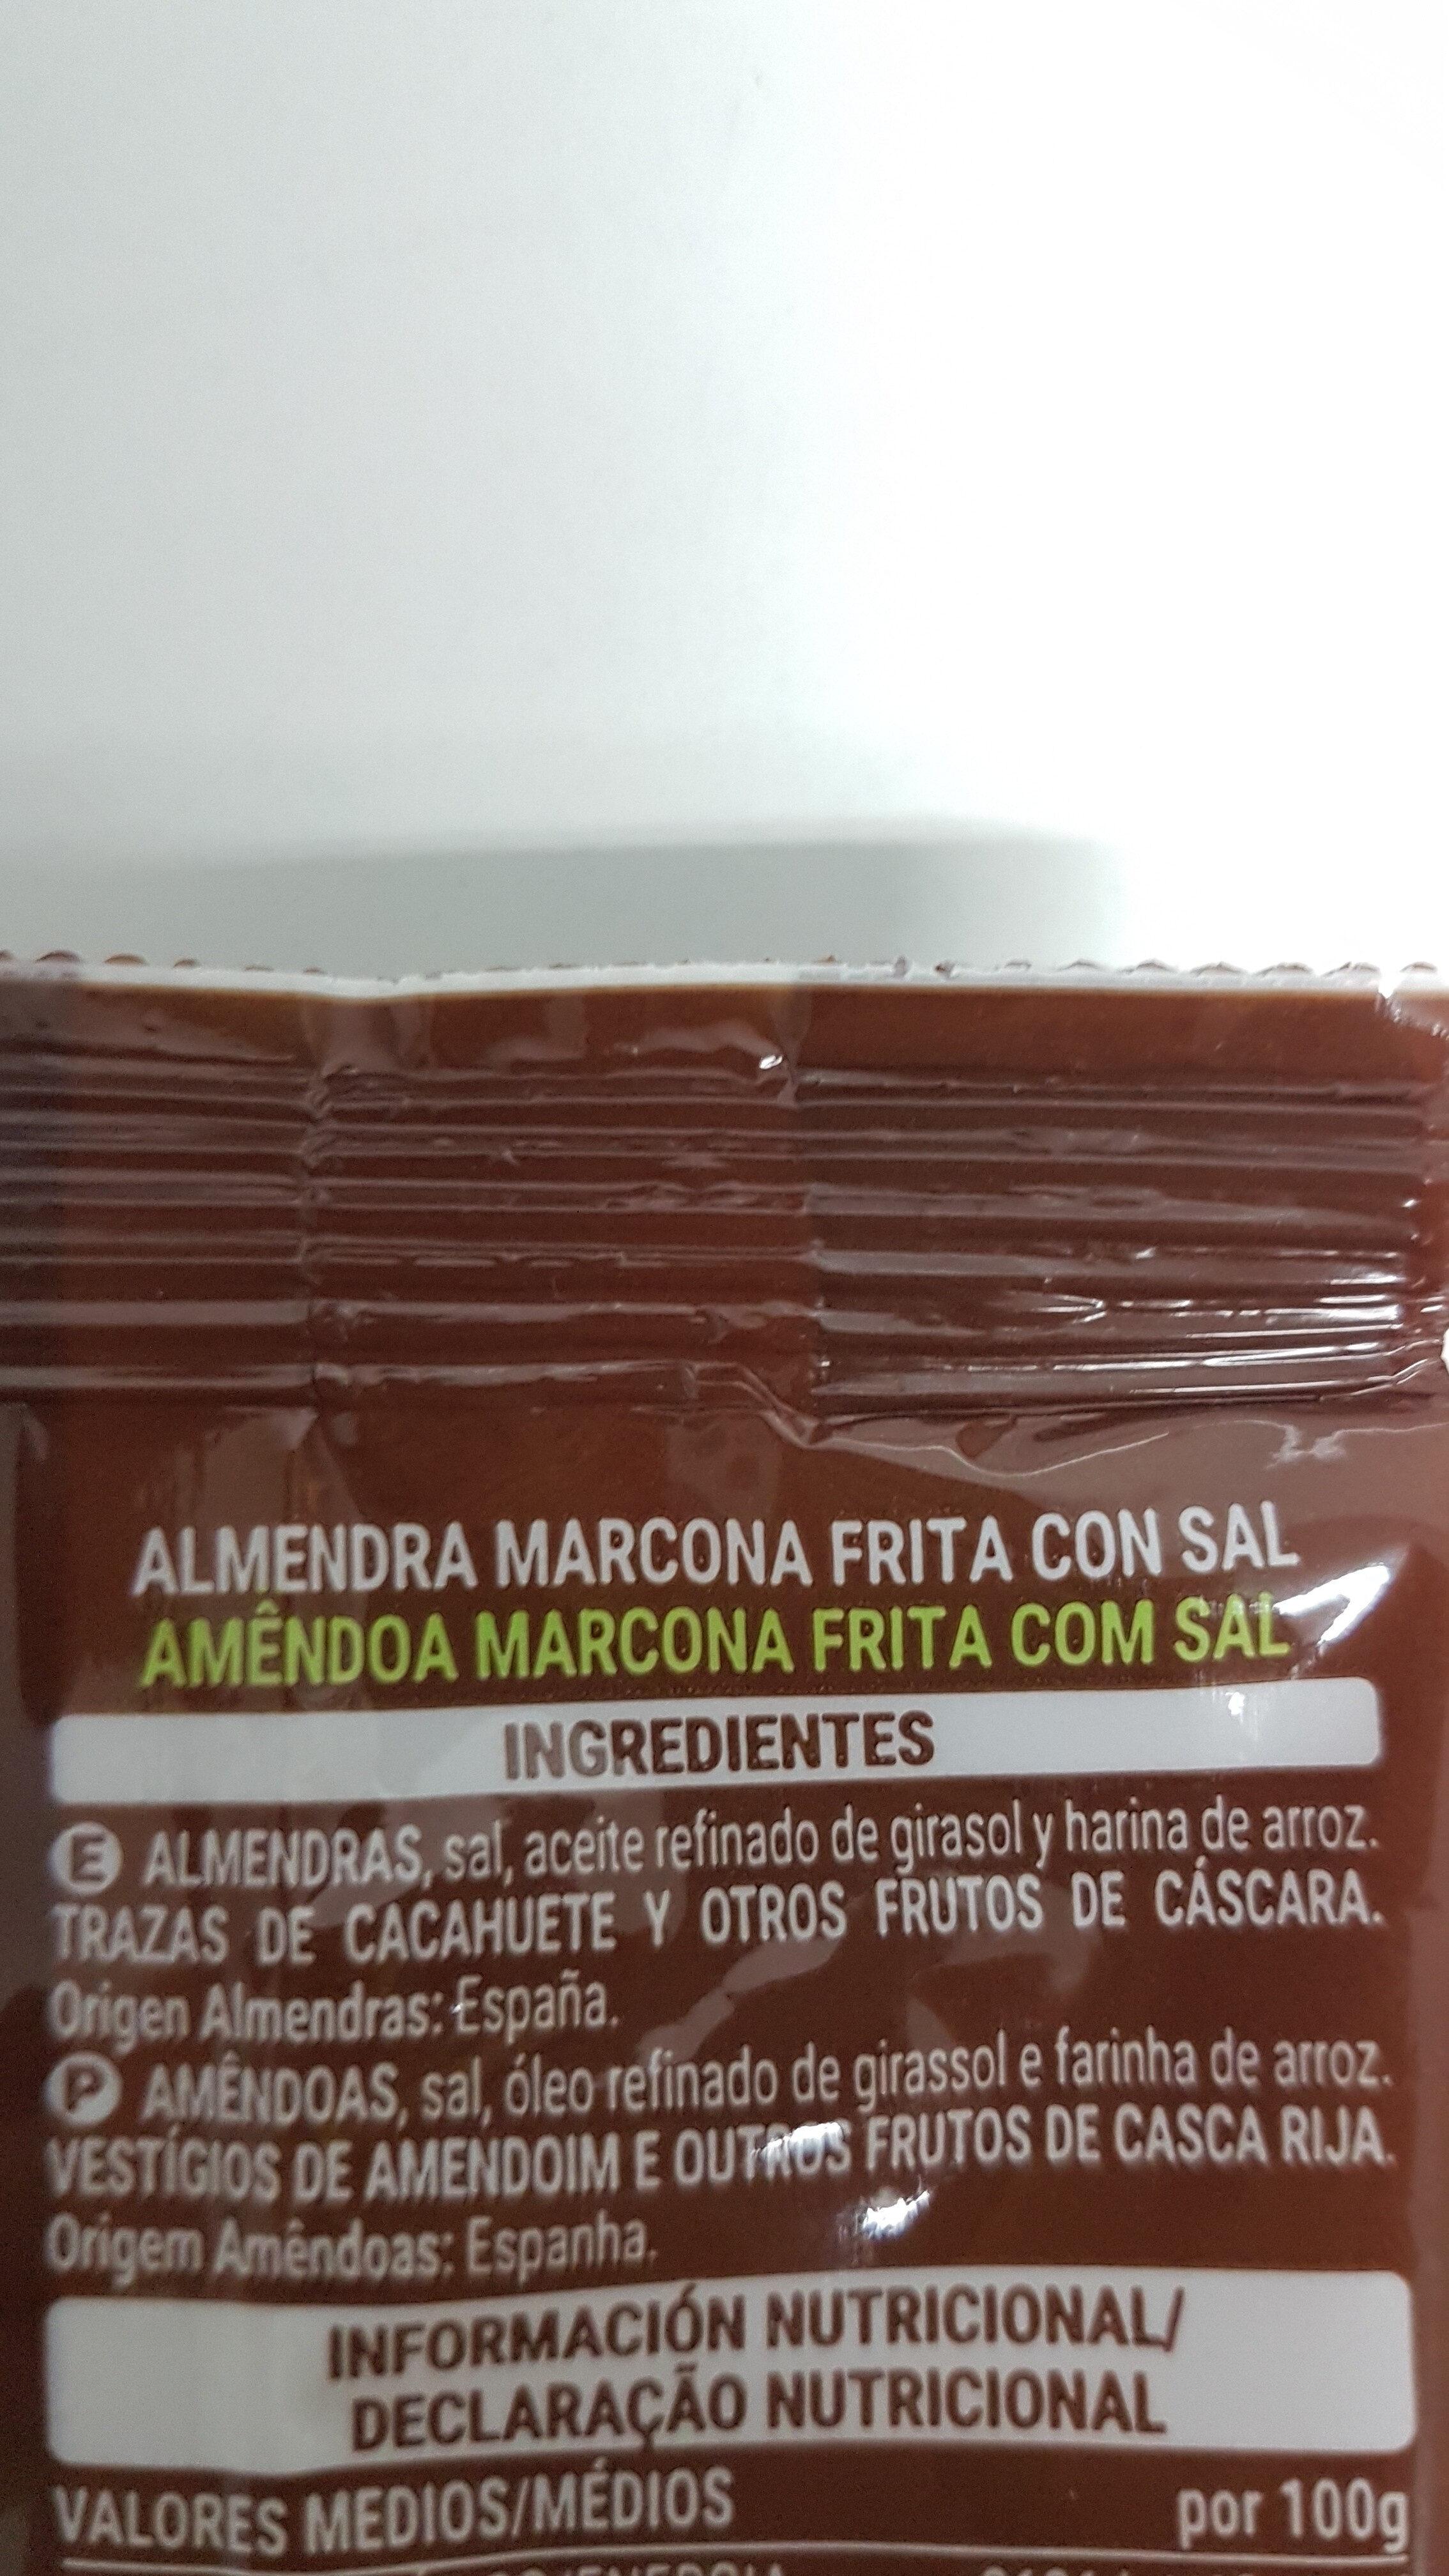 Almendra Marcona - Ingredients - es